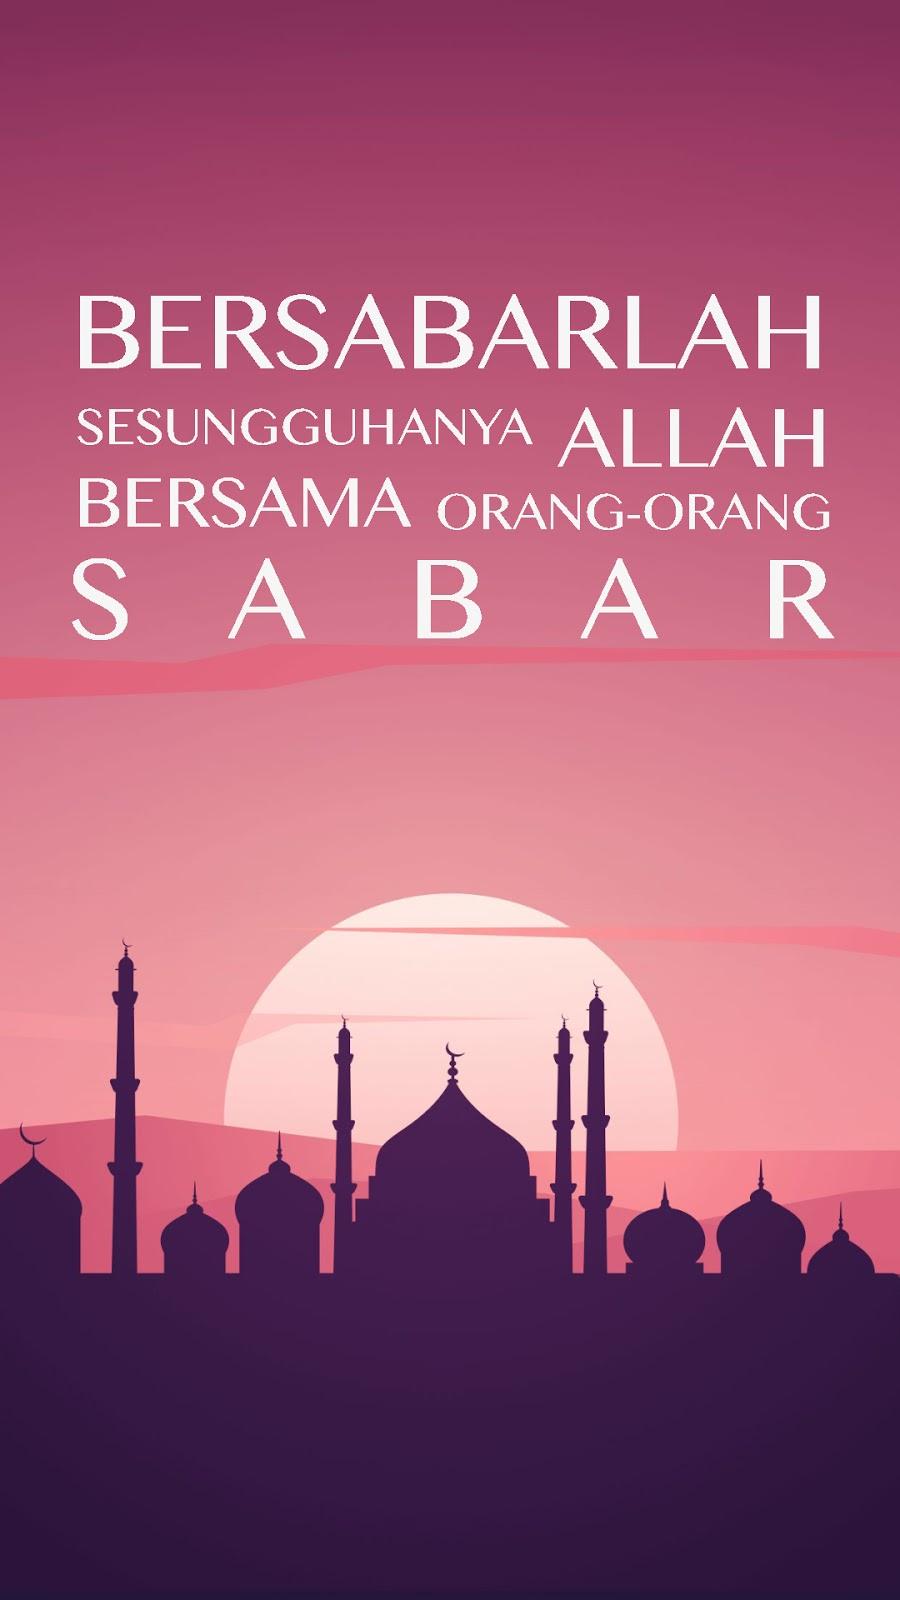 Wallpaper Ramadhan Keren Untuk HP Ukuran HD orang orang sabar